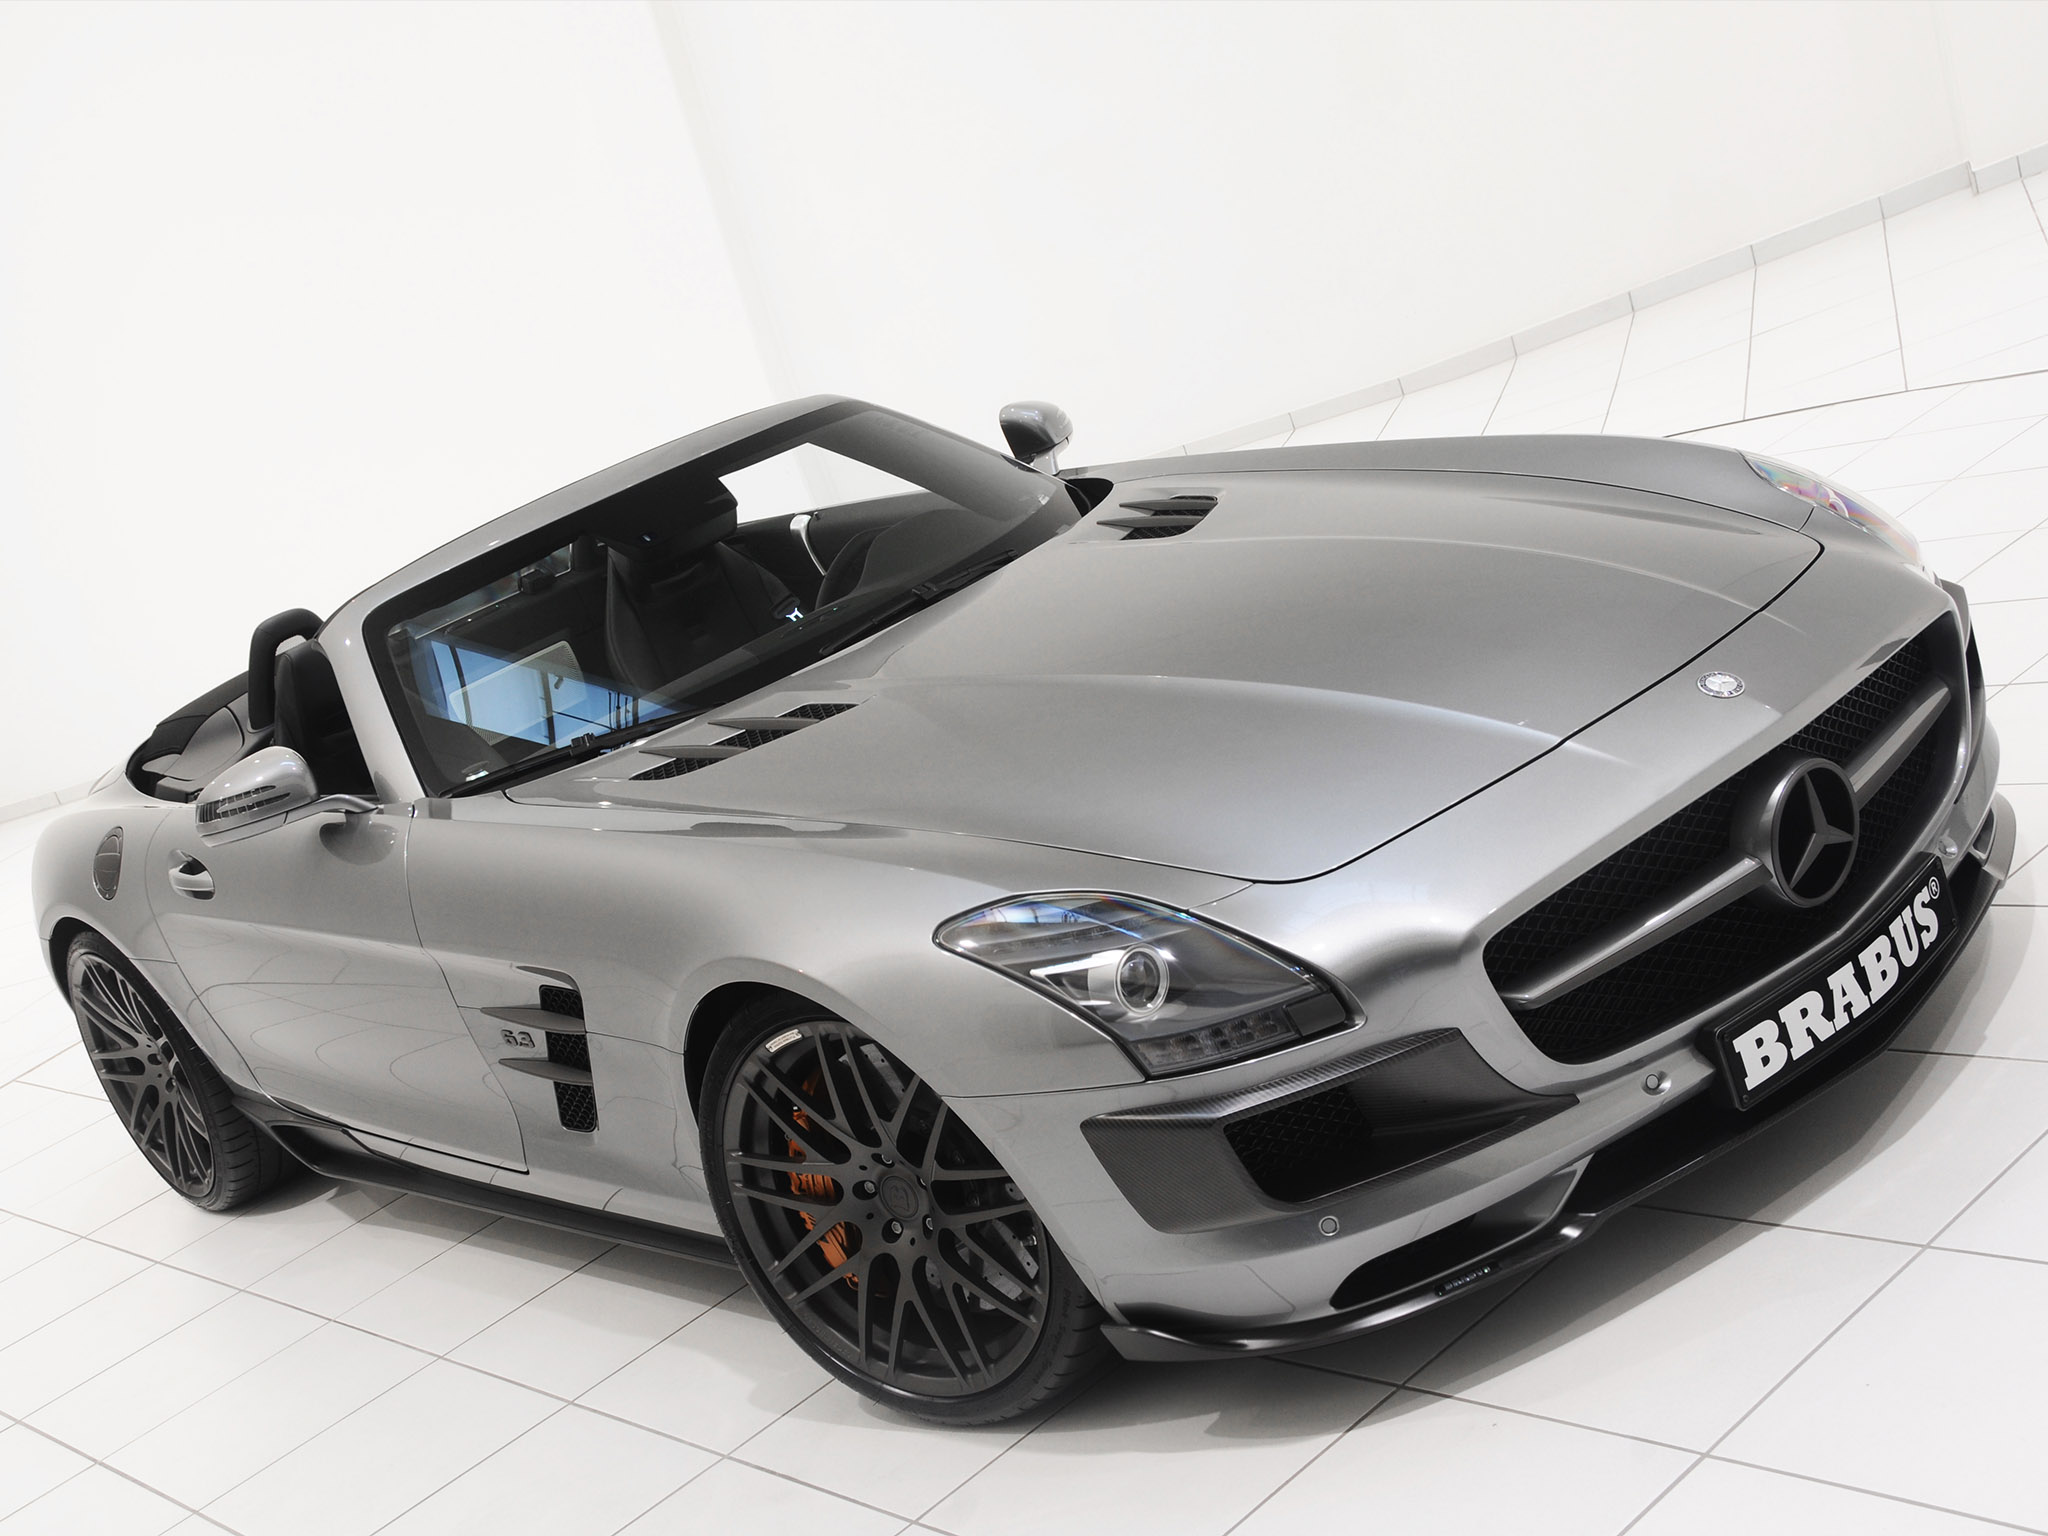 Mercedes Sls Amg Gt >> MERCEDES BENZ SLS AMG Roadster specs & photos - 2012, 2013, 2014 - autoevolution